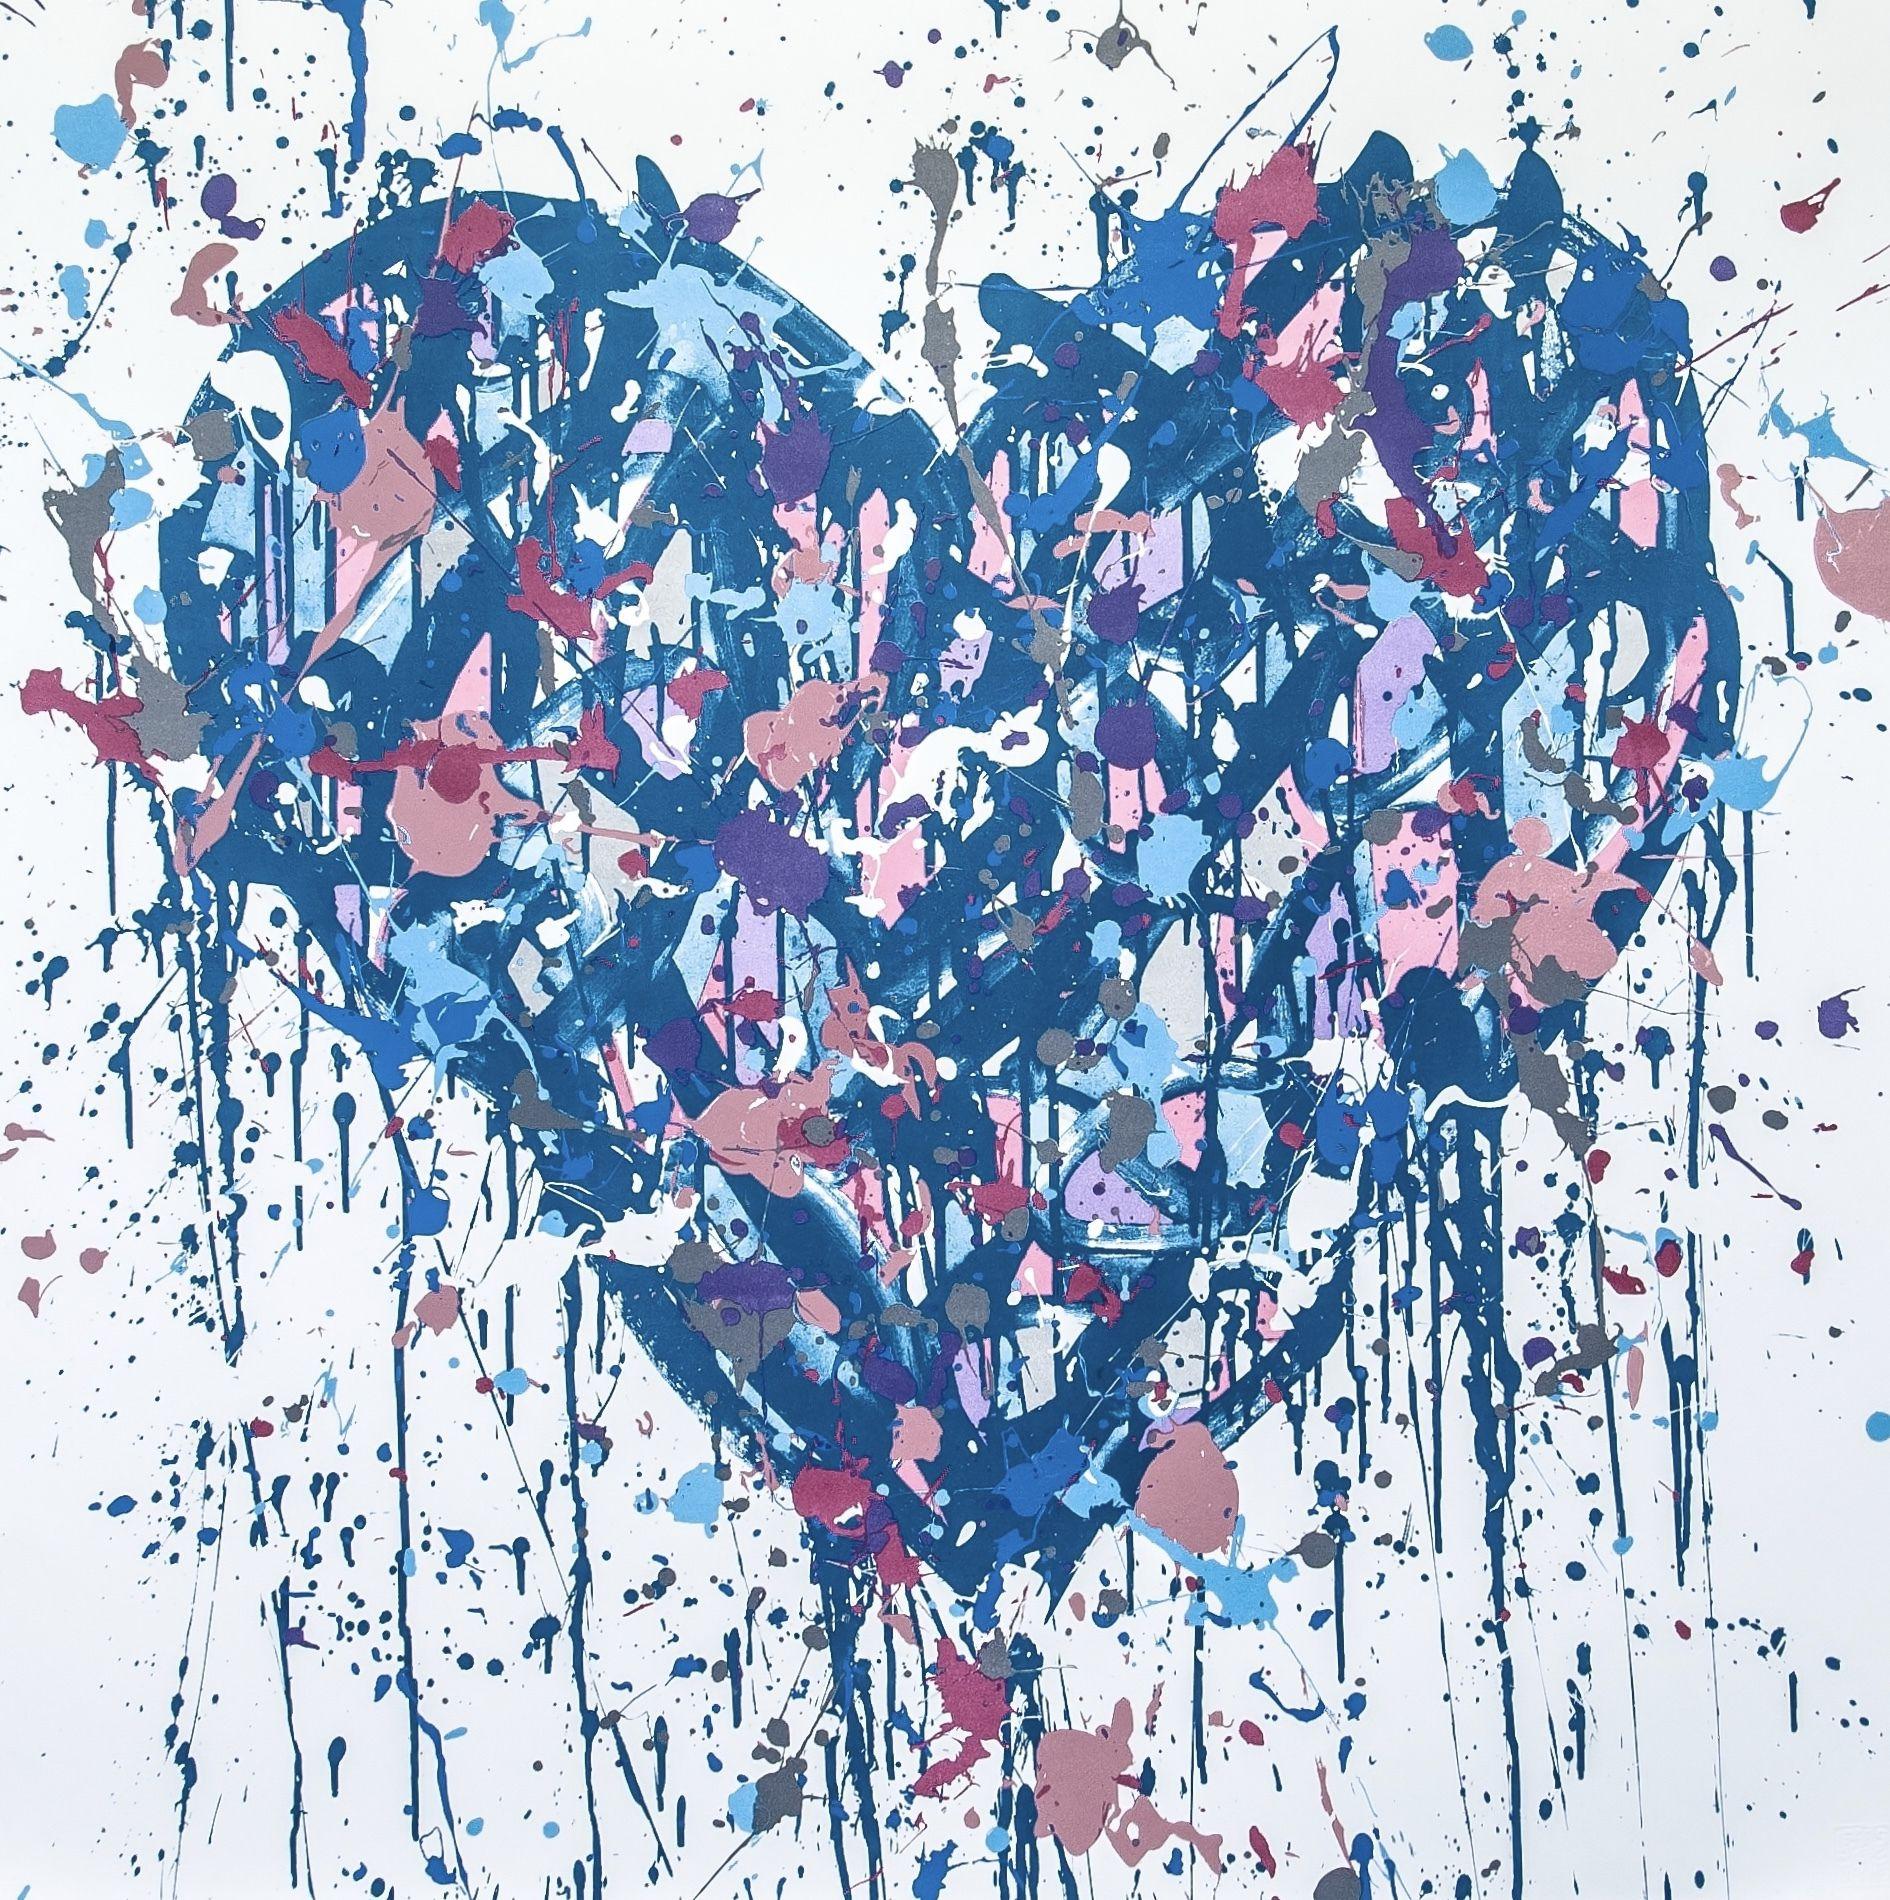 L'oeuvre Royal Heart de JonOne parrain de cette édition 2021